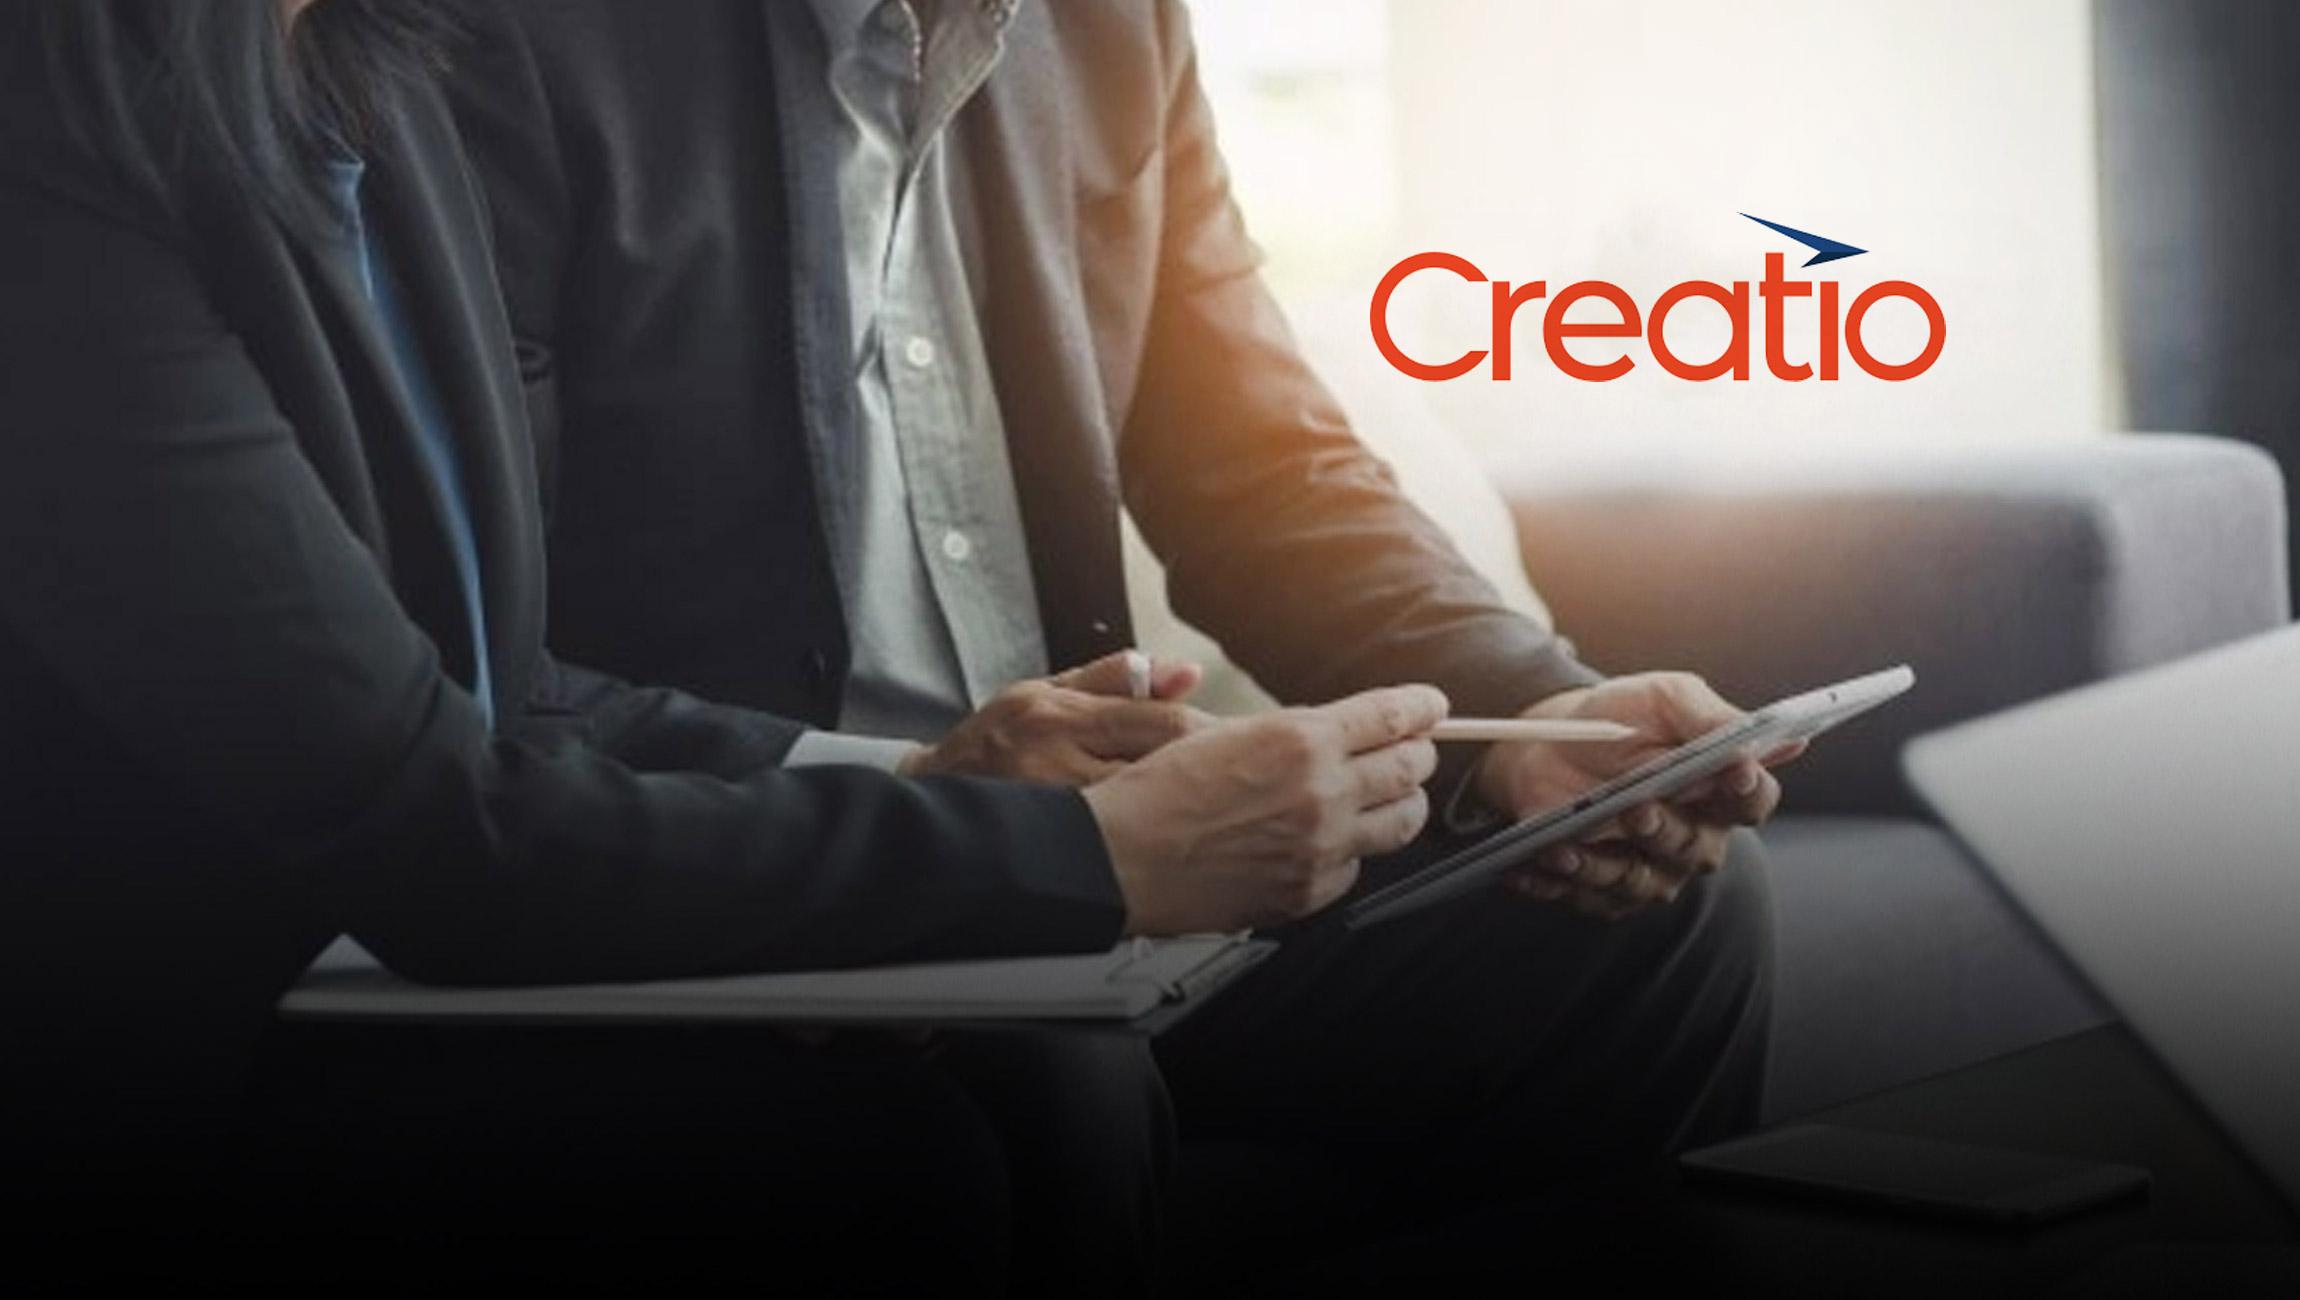 Creatio Recognized in 2021 Gartner® Magic Quadrant™ for Enterprise Low Code Application Platforms